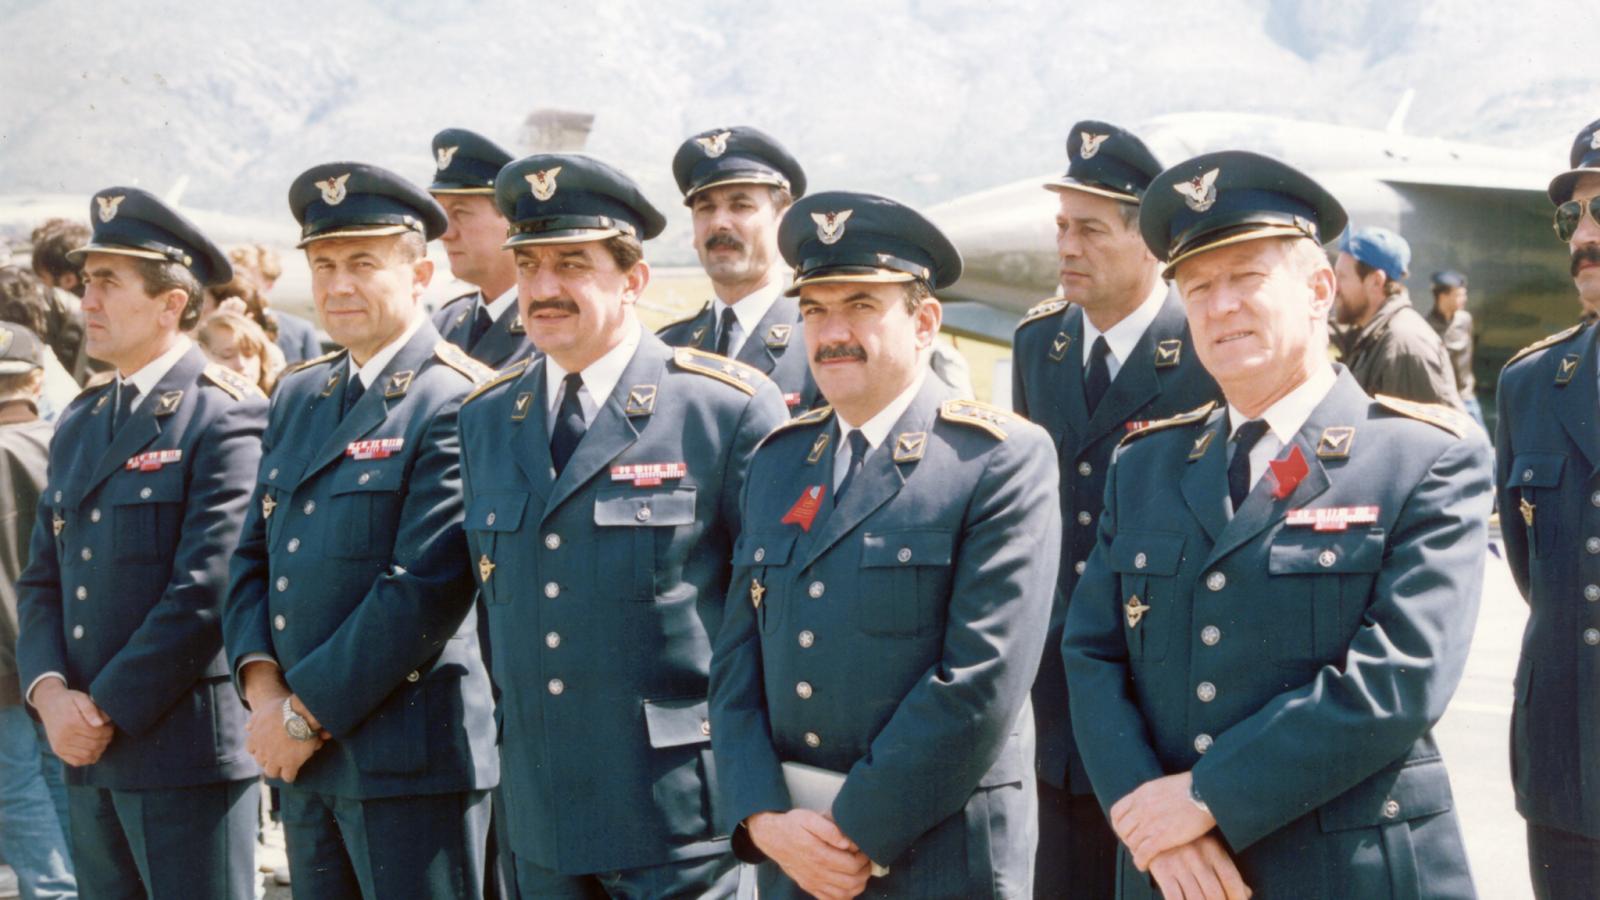 Neispričane letačke priče Suada Hamzića: Tri rizična sletanja Ćurguz Slobodana